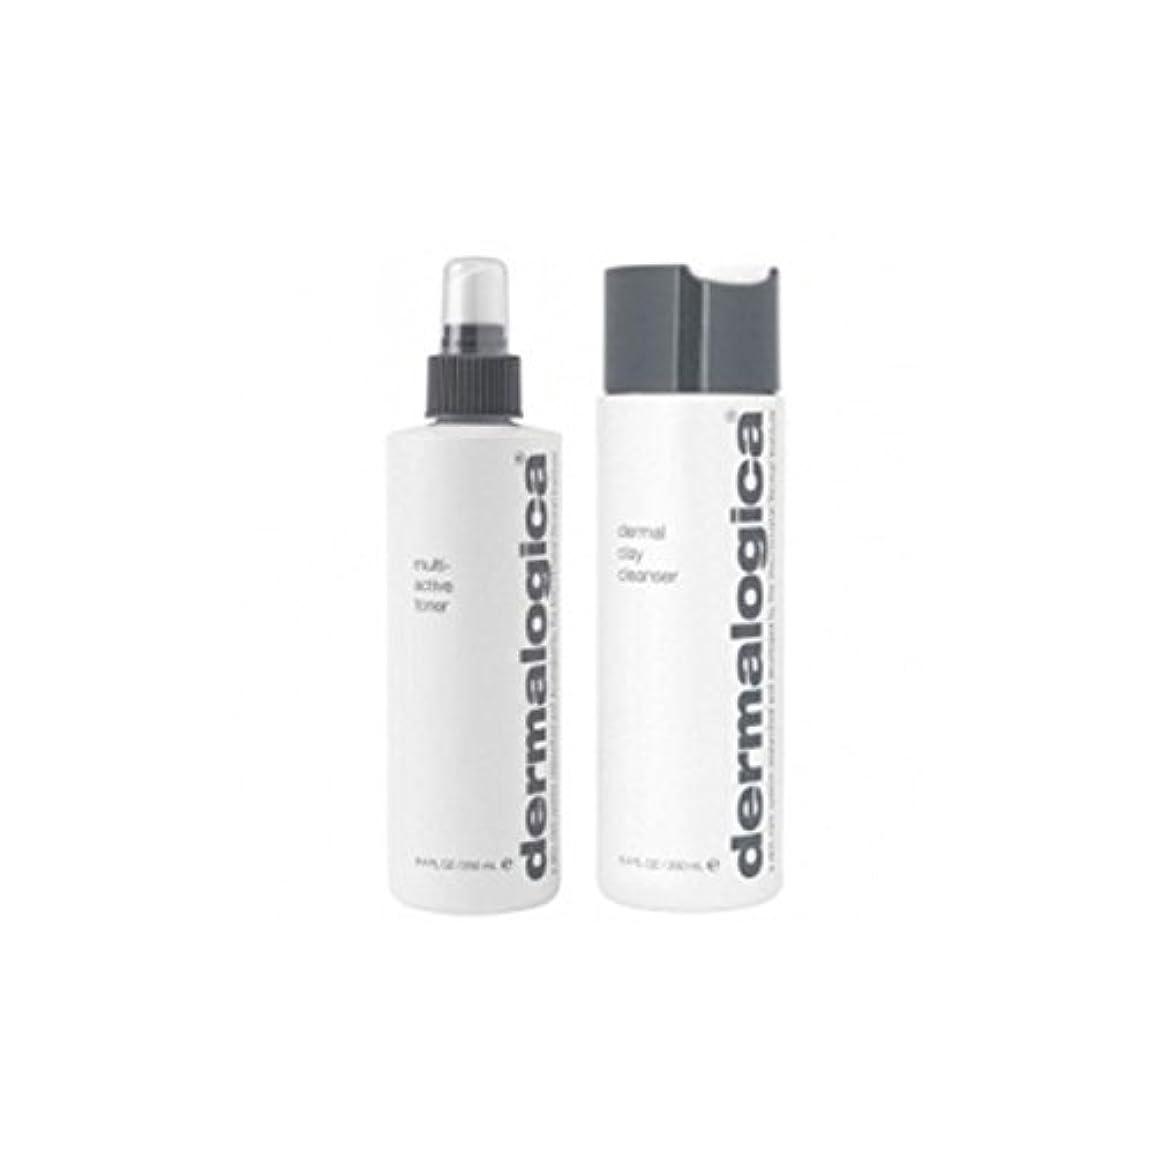 メールカスタム最愛のDermalogica Cleanse & Tone Duo - Oily Skin (2 Products) - ダーマロジカクレンジング&トーンデュオ - 脂性肌(2製品) [並行輸入品]